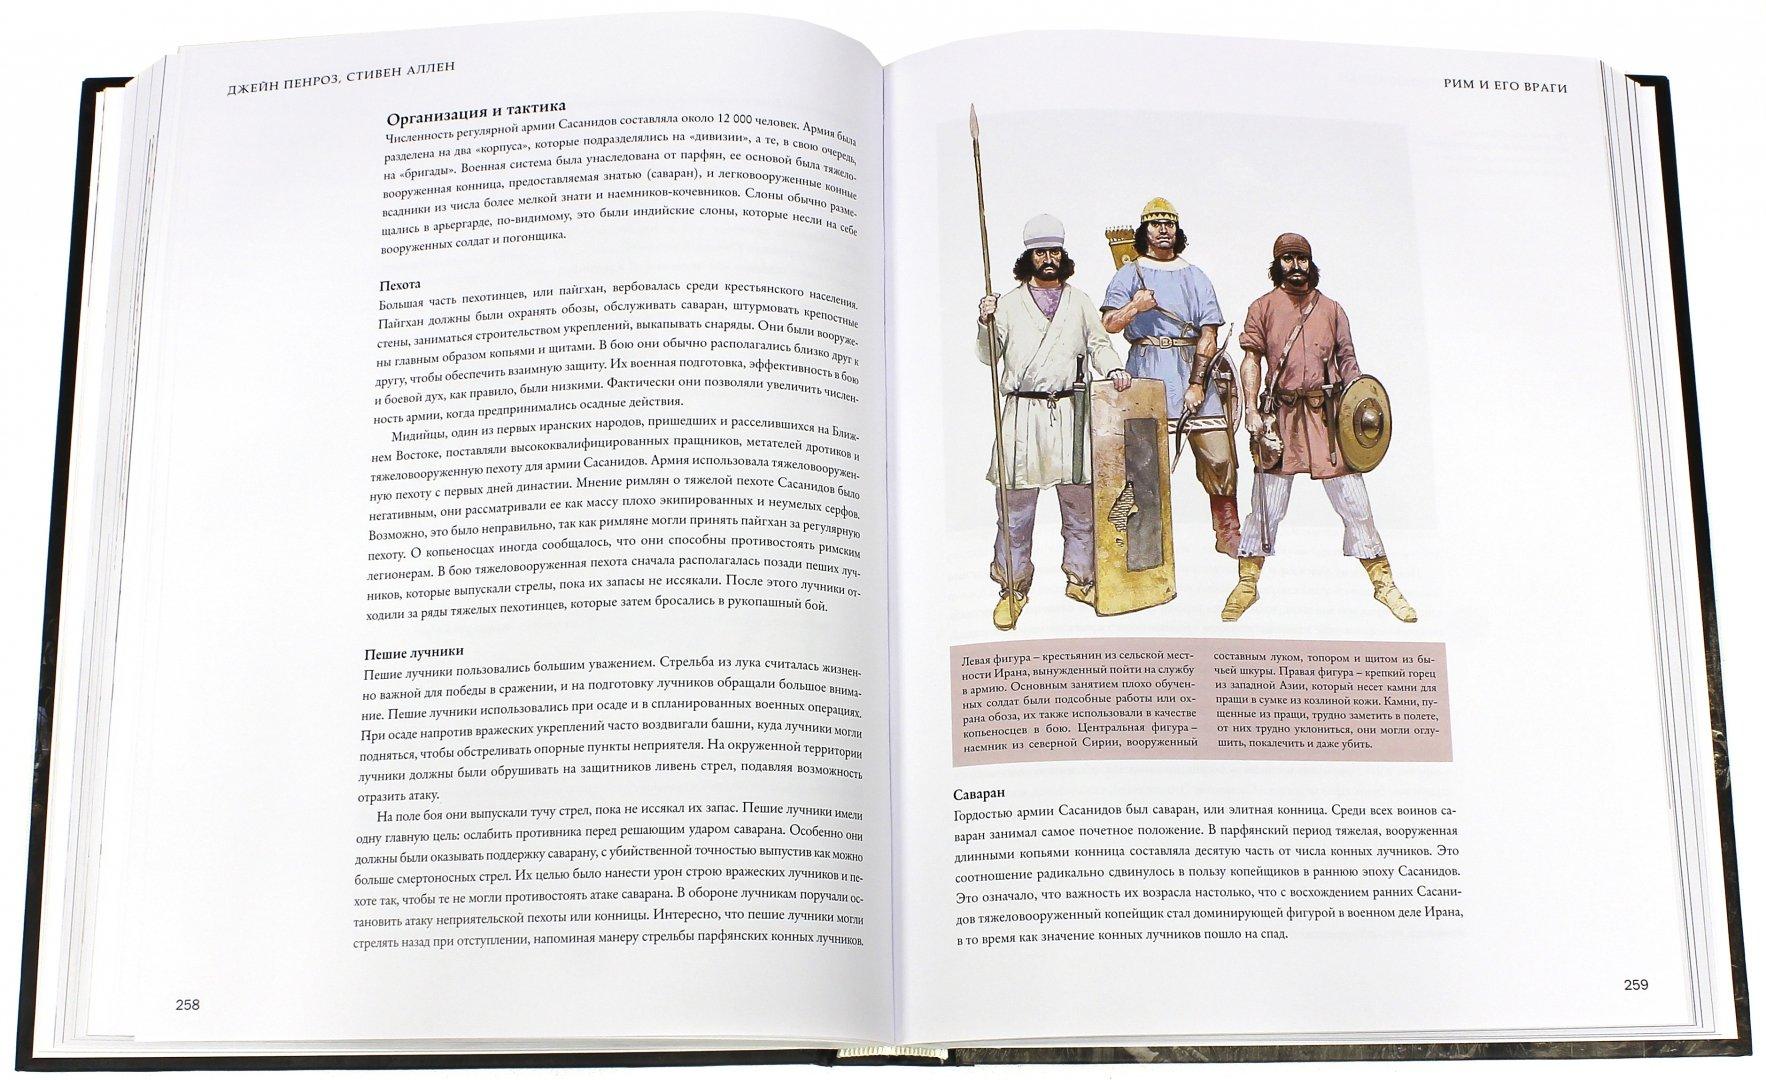 Иллюстрация 1 из 29 для Рим и его враги - Пенроз, Аллен | Лабиринт - книги. Источник: Лабиринт